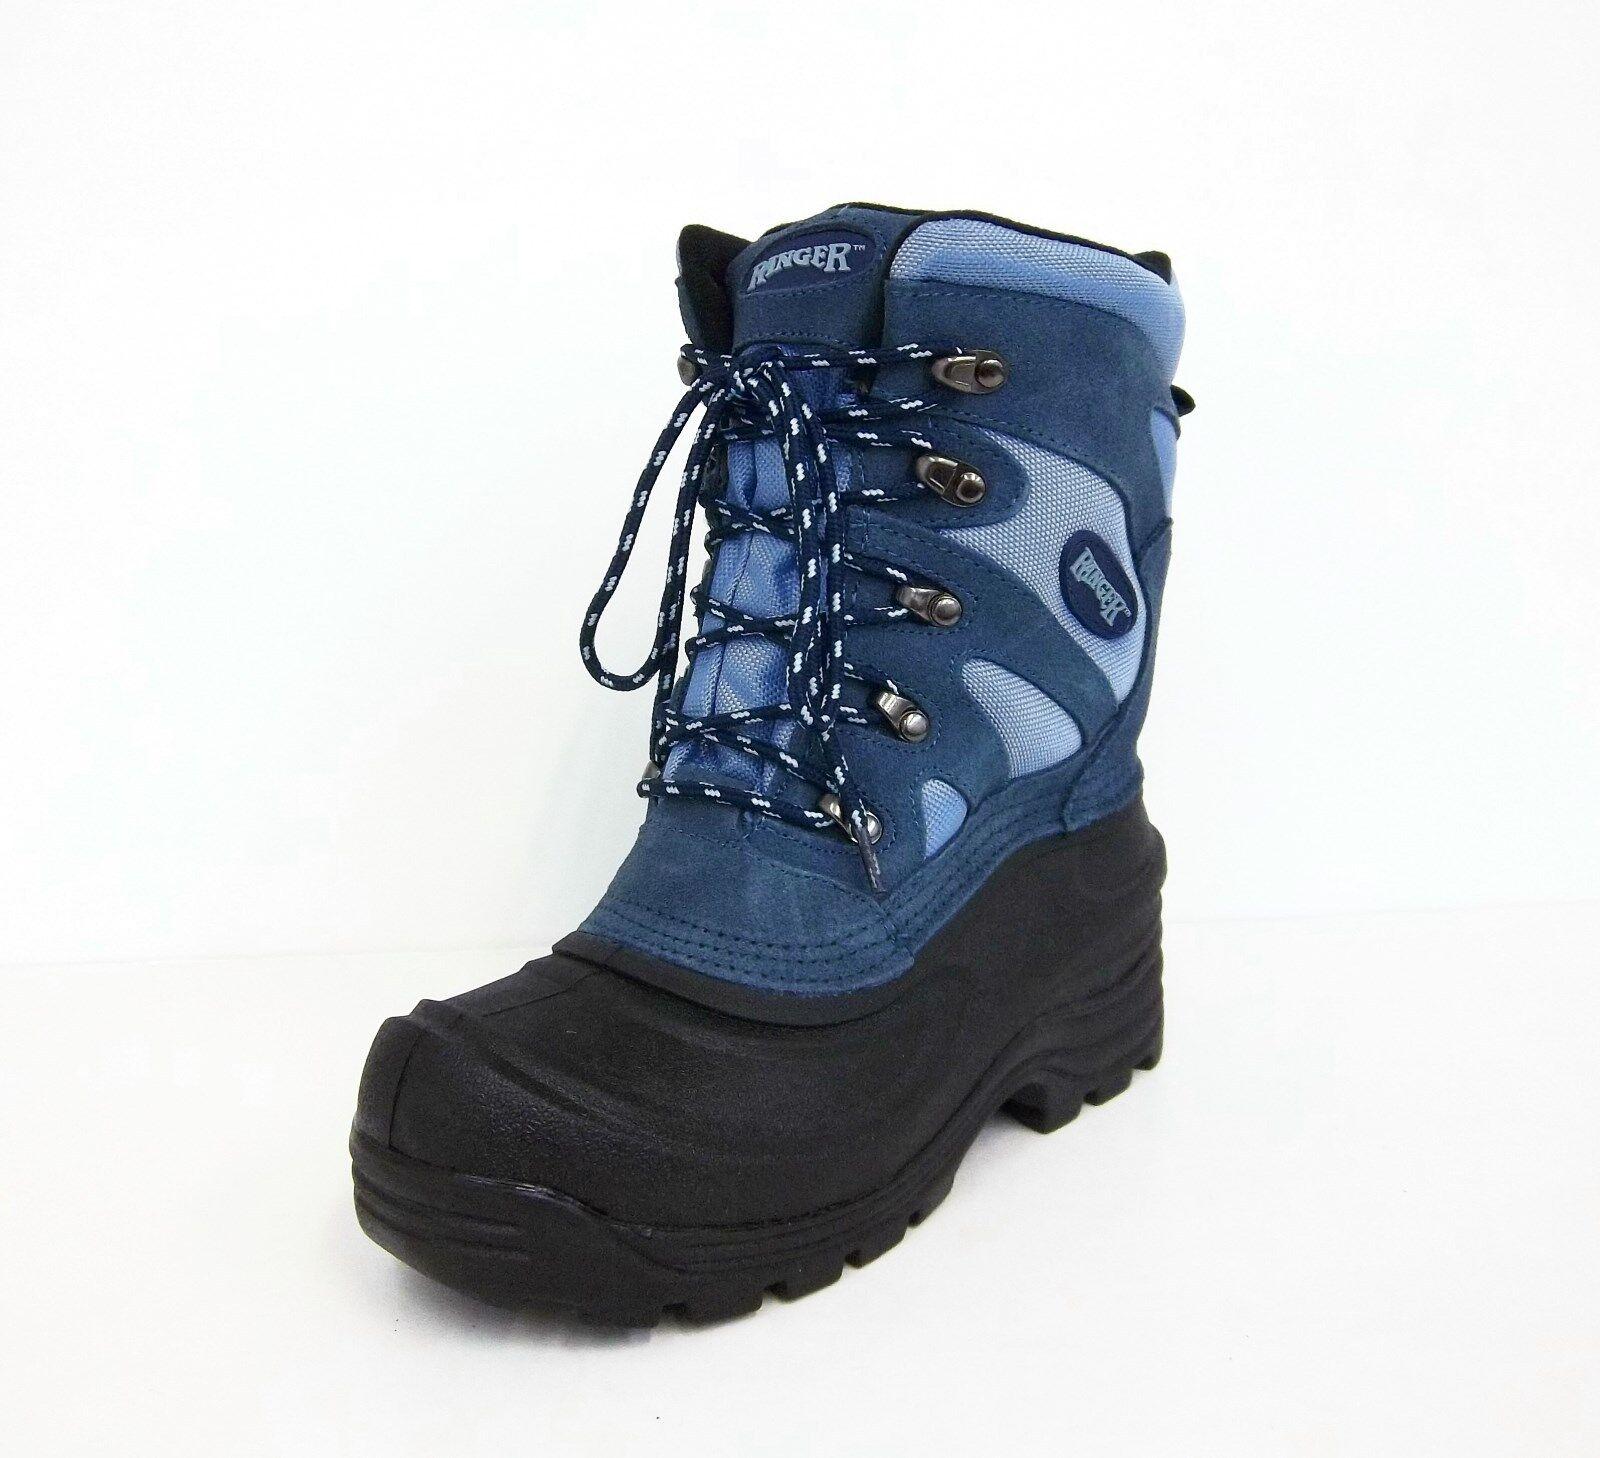 Ranger Womens A698 Lark Winter Boot, bluee